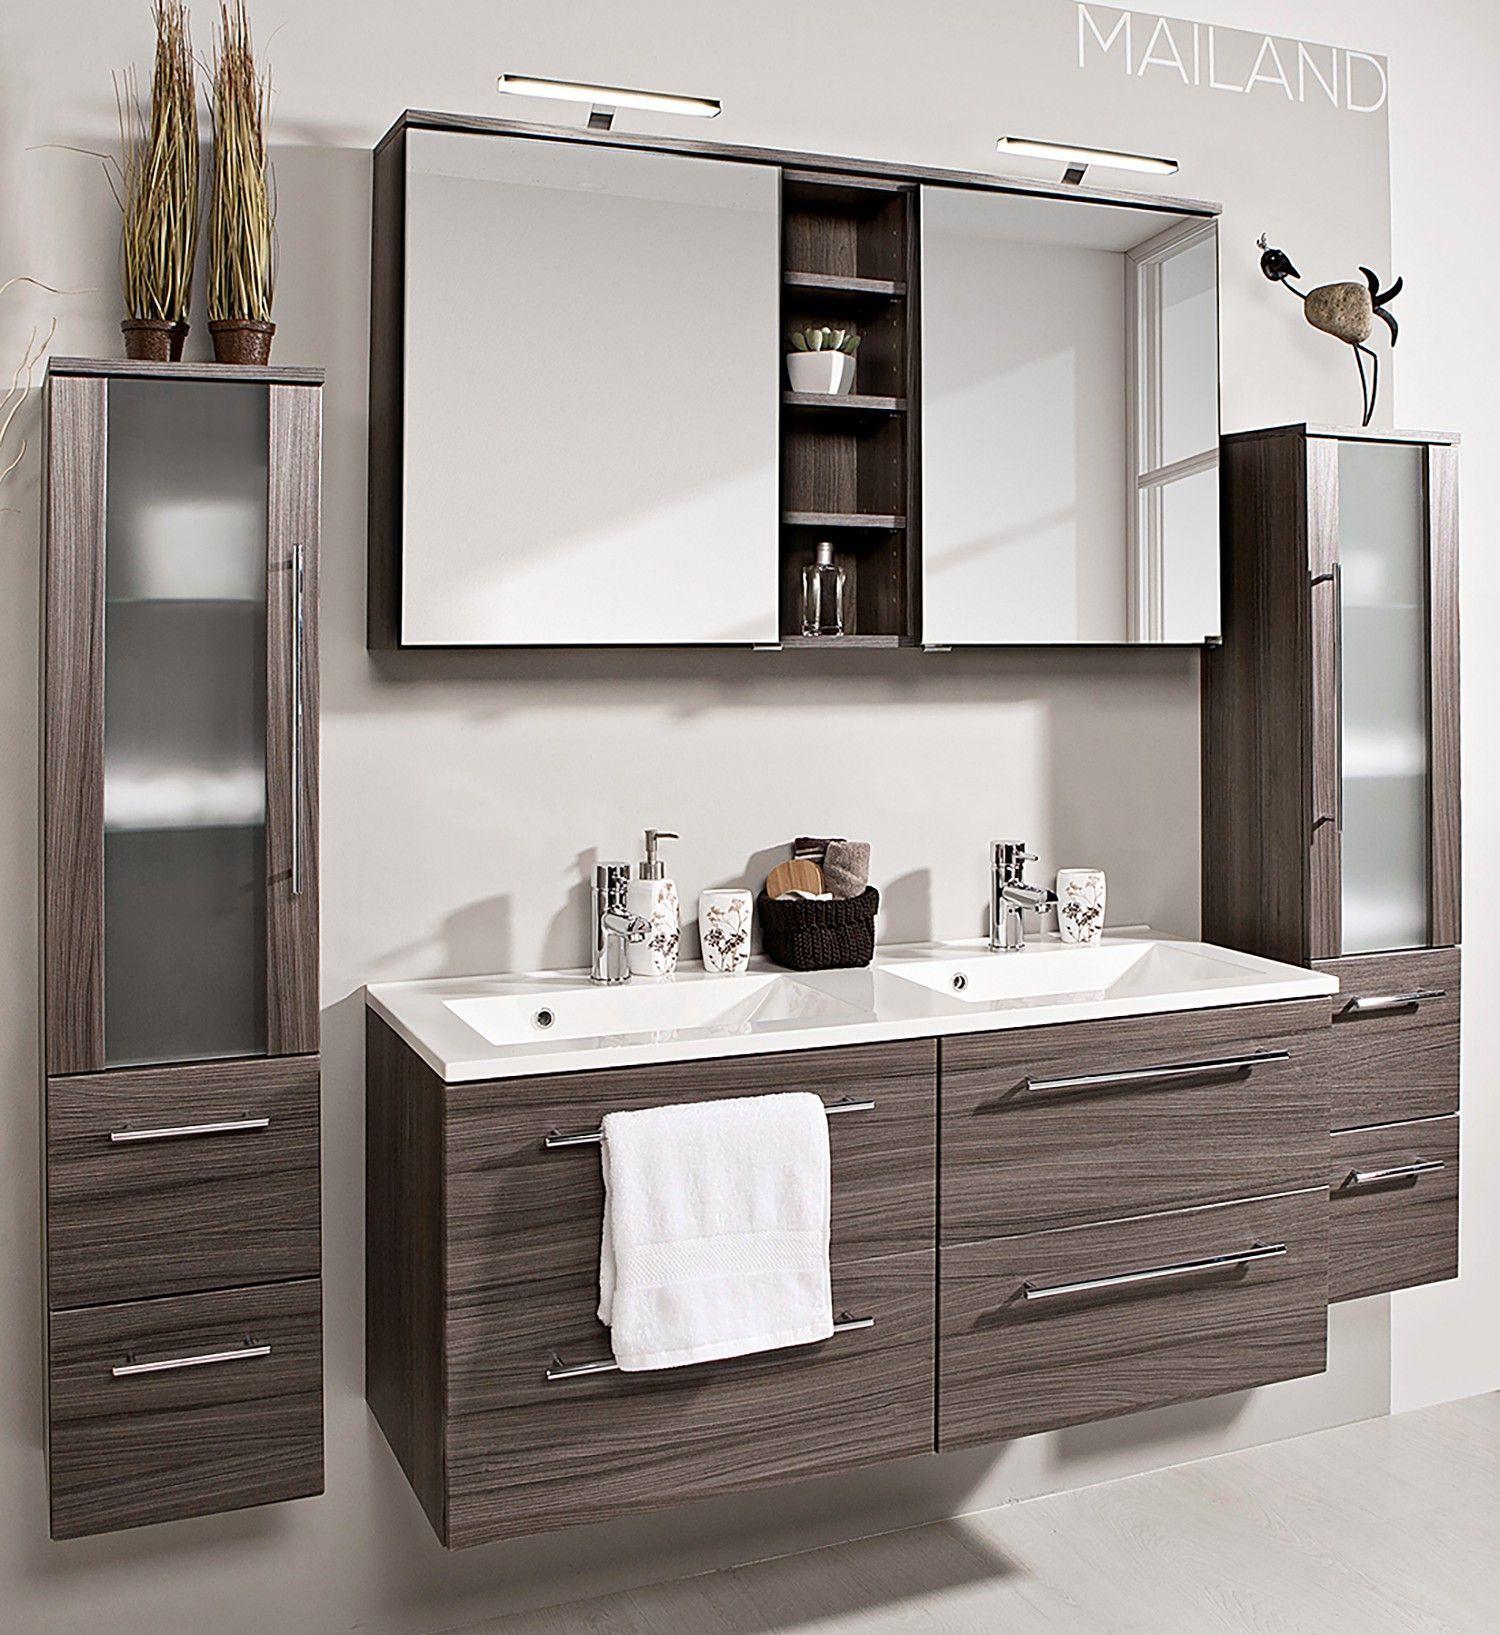 Specchio Contenitore Gali In 2020 Mirror Cabinets Bathroom Remodel Designs Modern Small Bathrooms